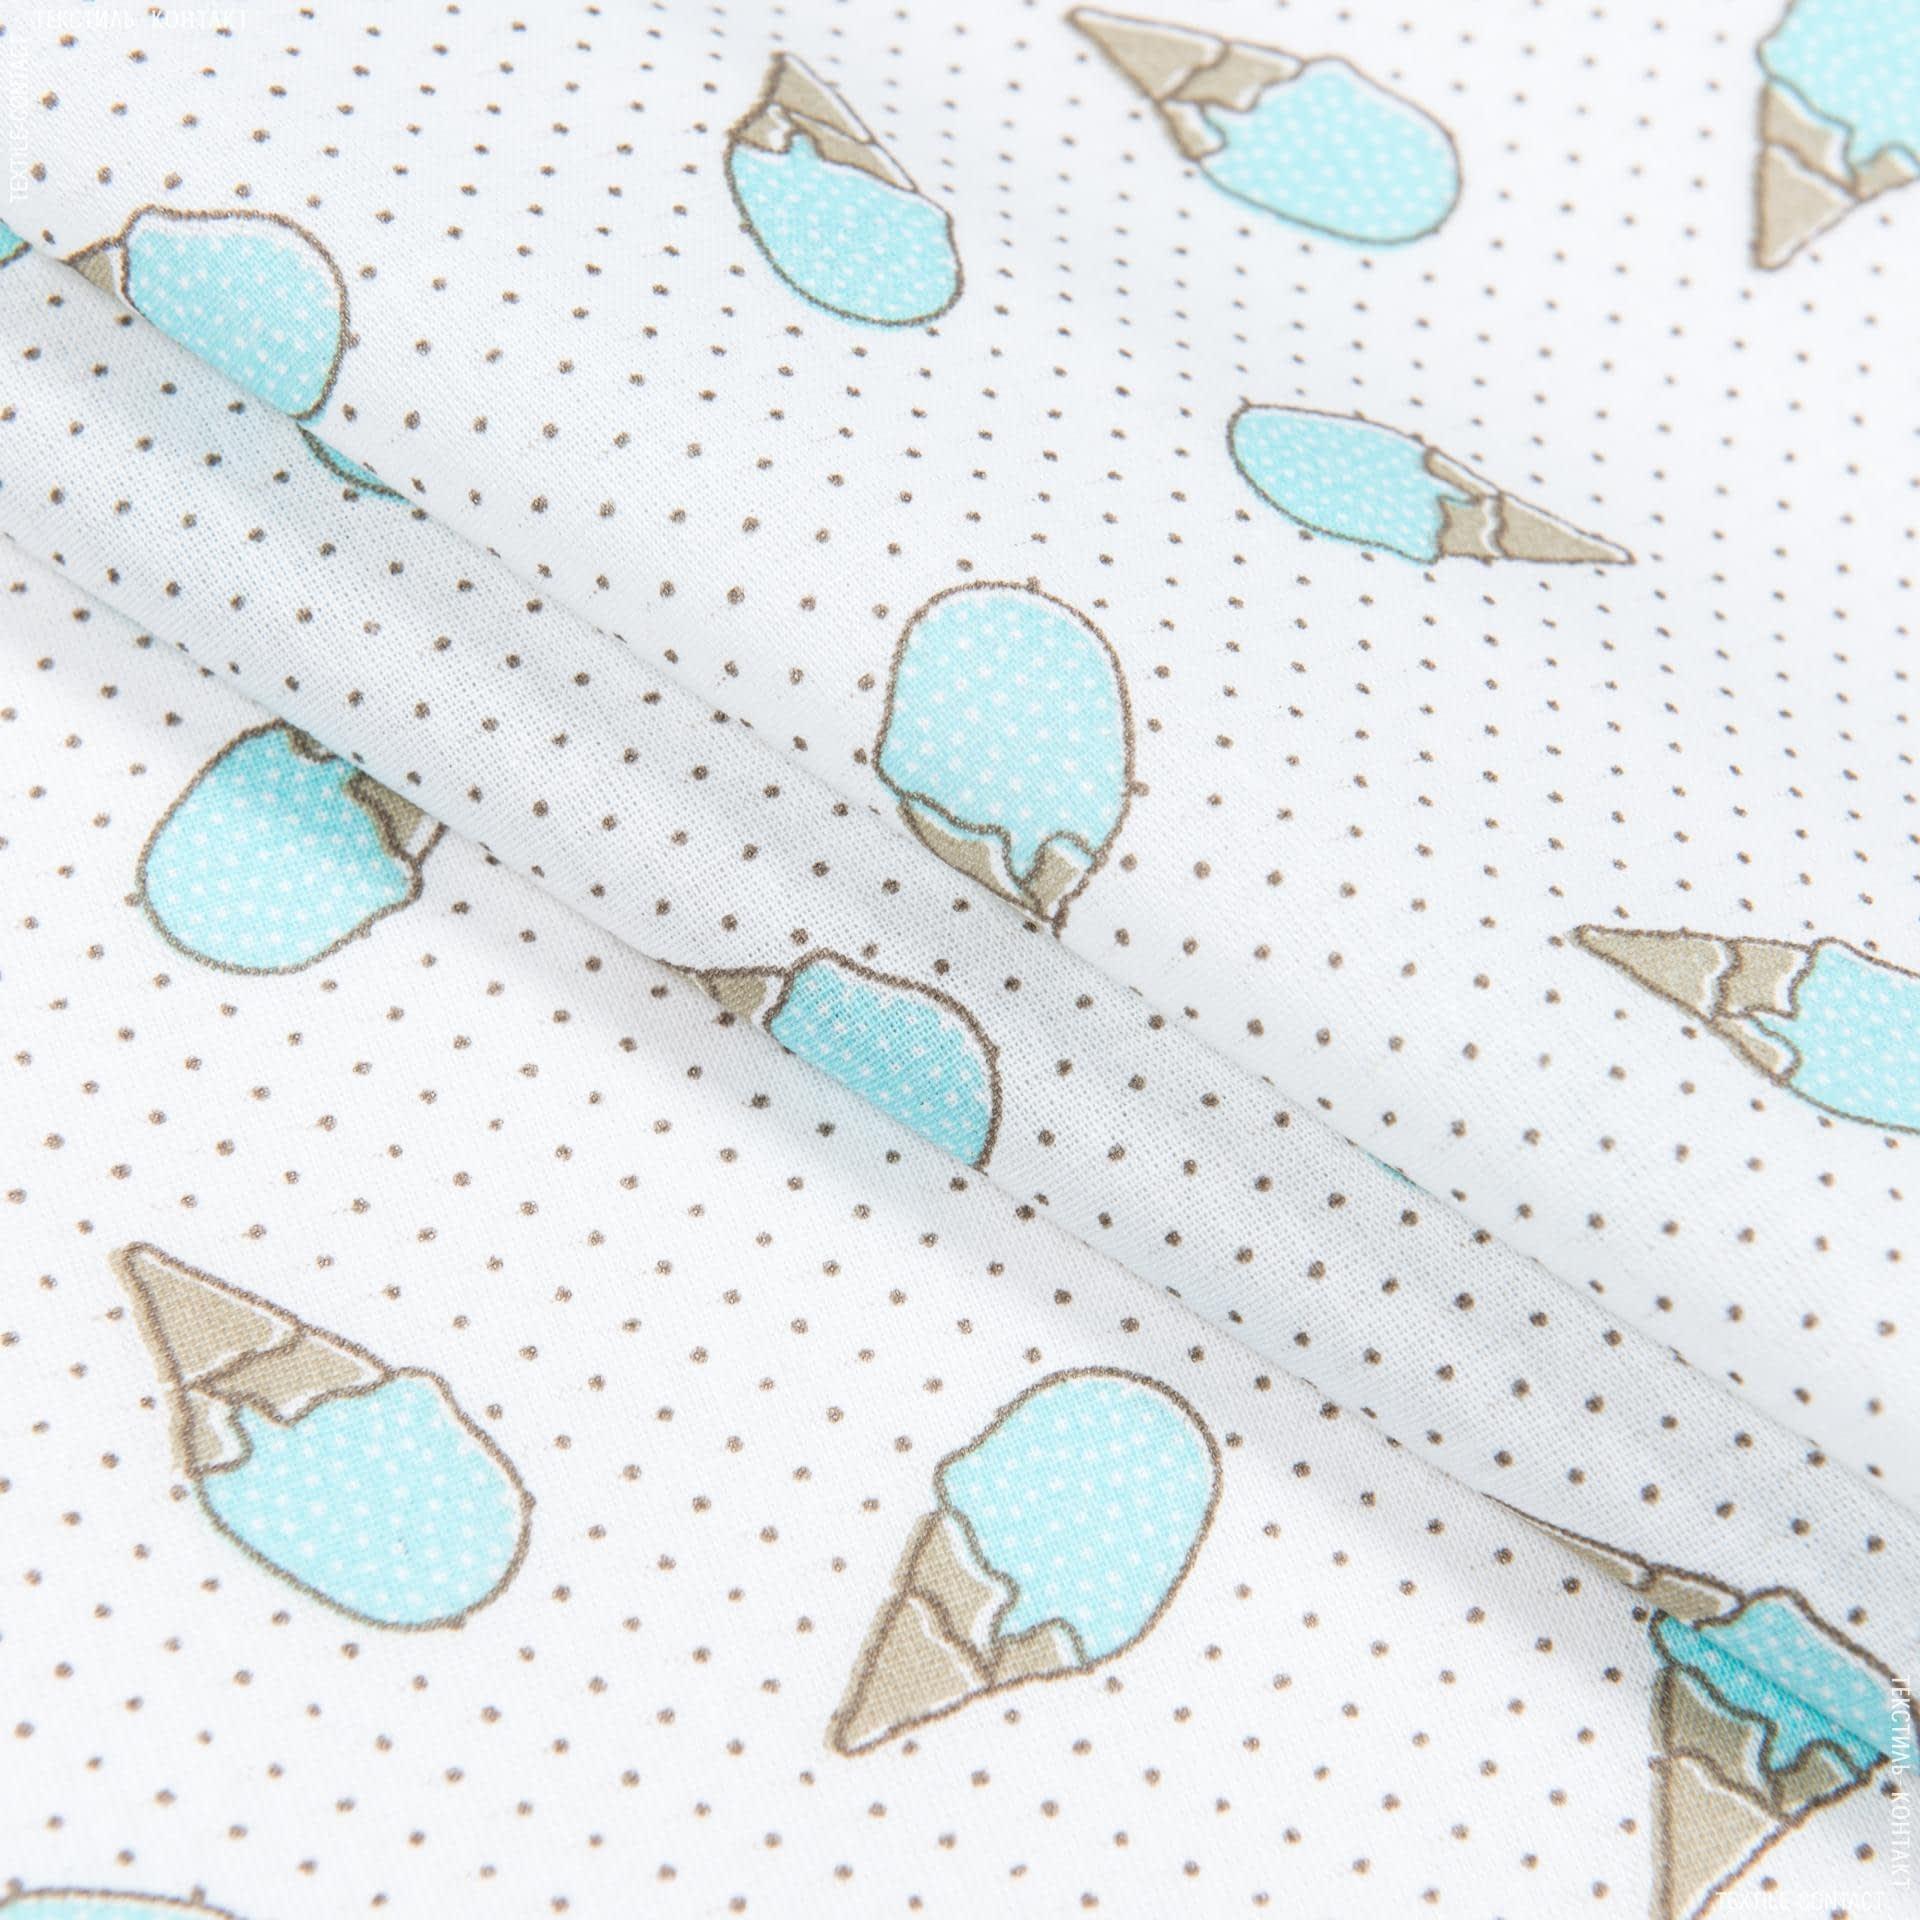 Ткани для пеленок - Ситец 67-ТКЧ детский мороженое голубой